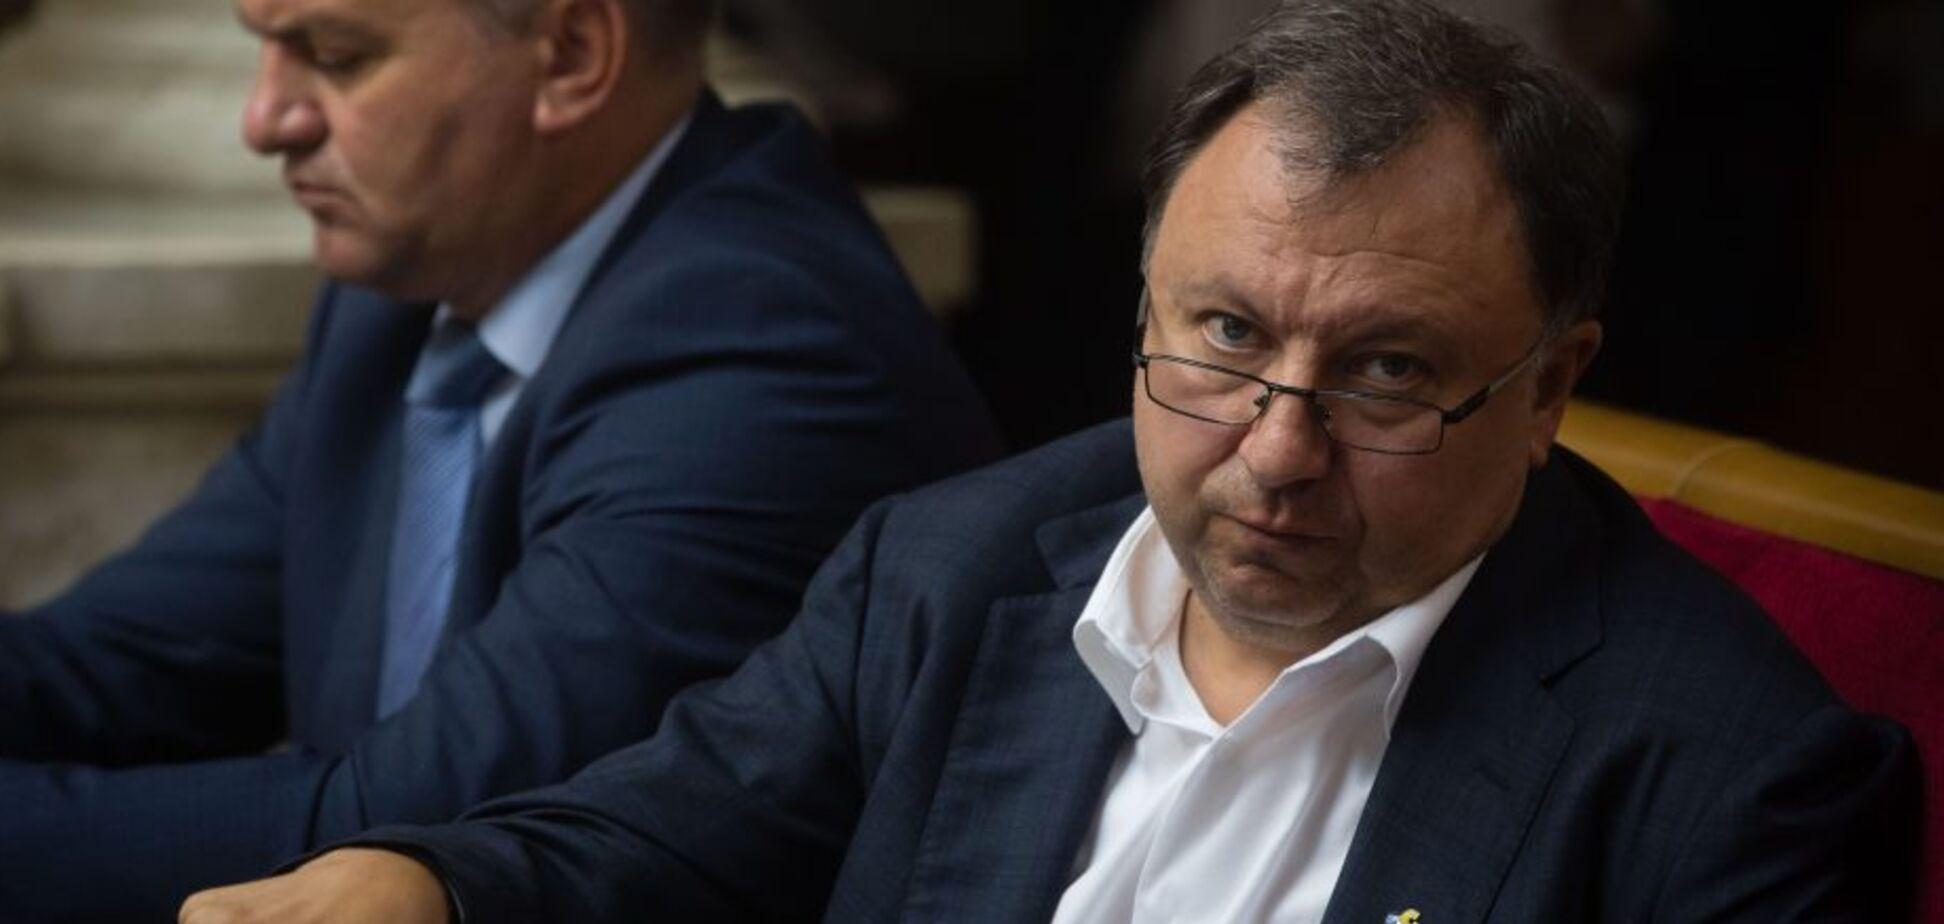 Княжицкий: голосование за банки и землю показало, кто служит олигархам, а кто – Украине